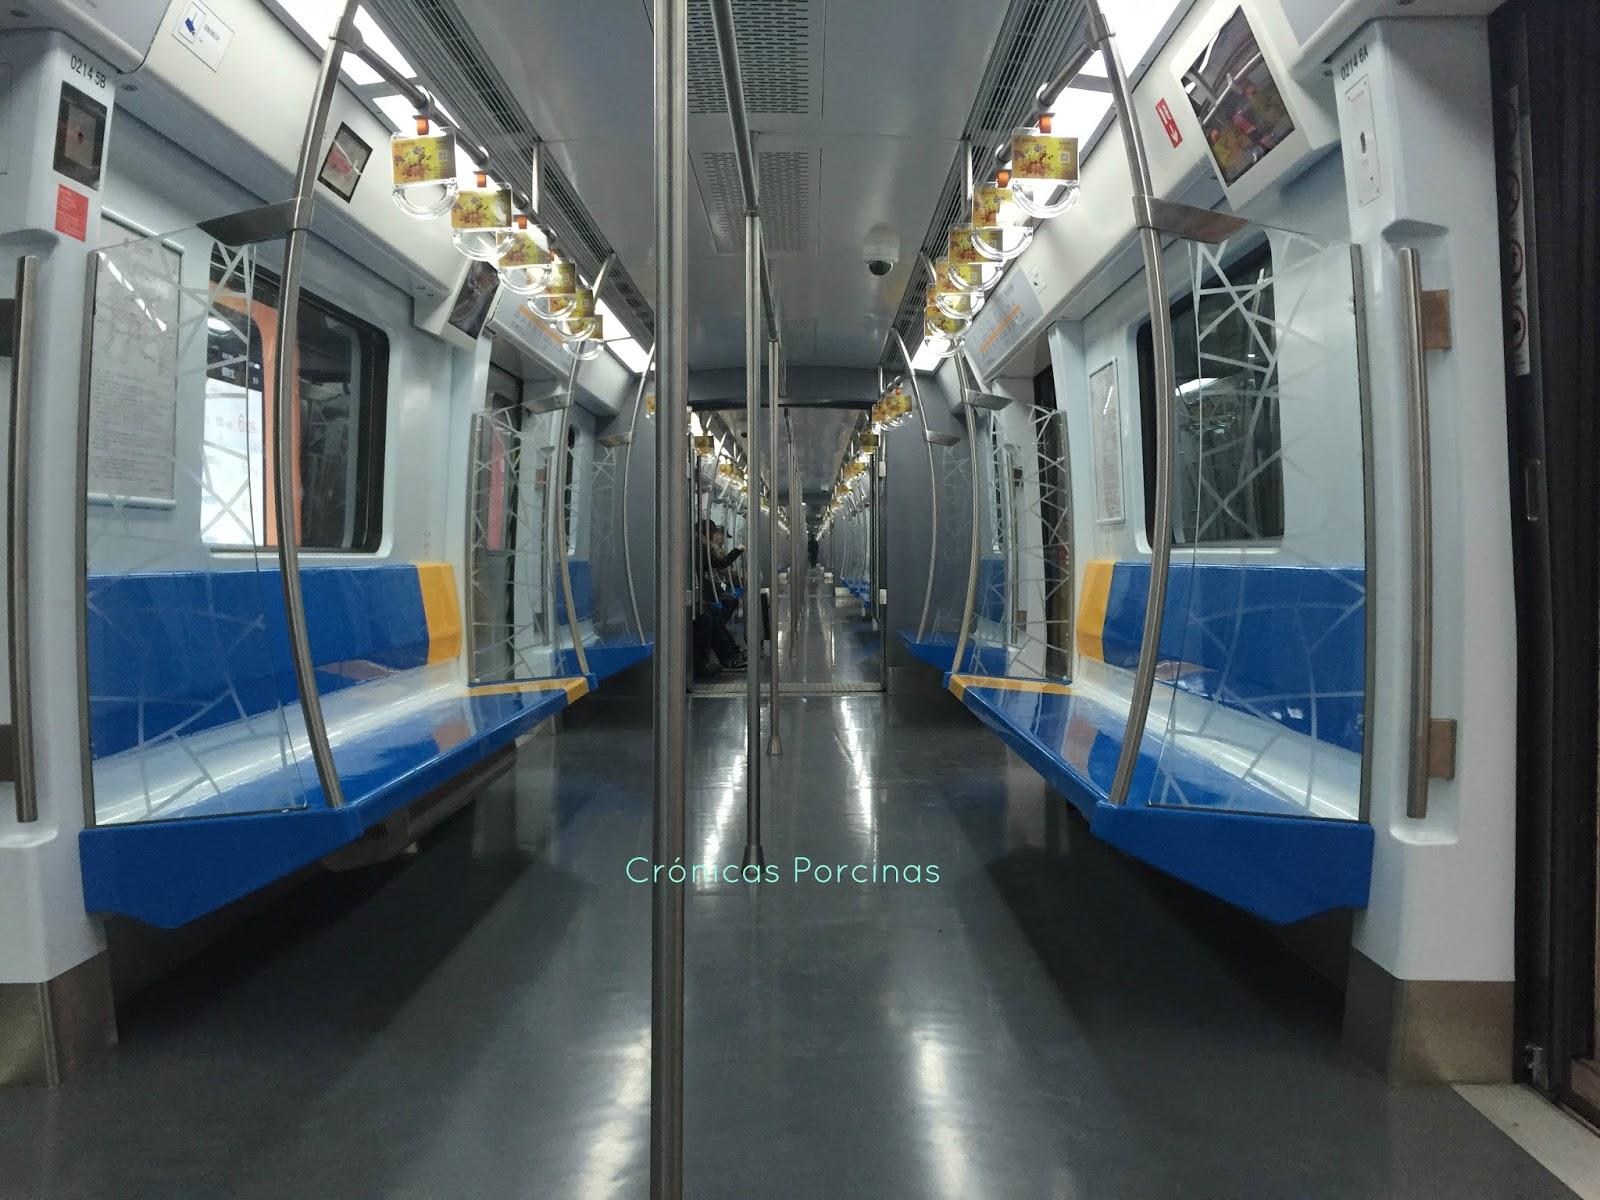 metro-beijing